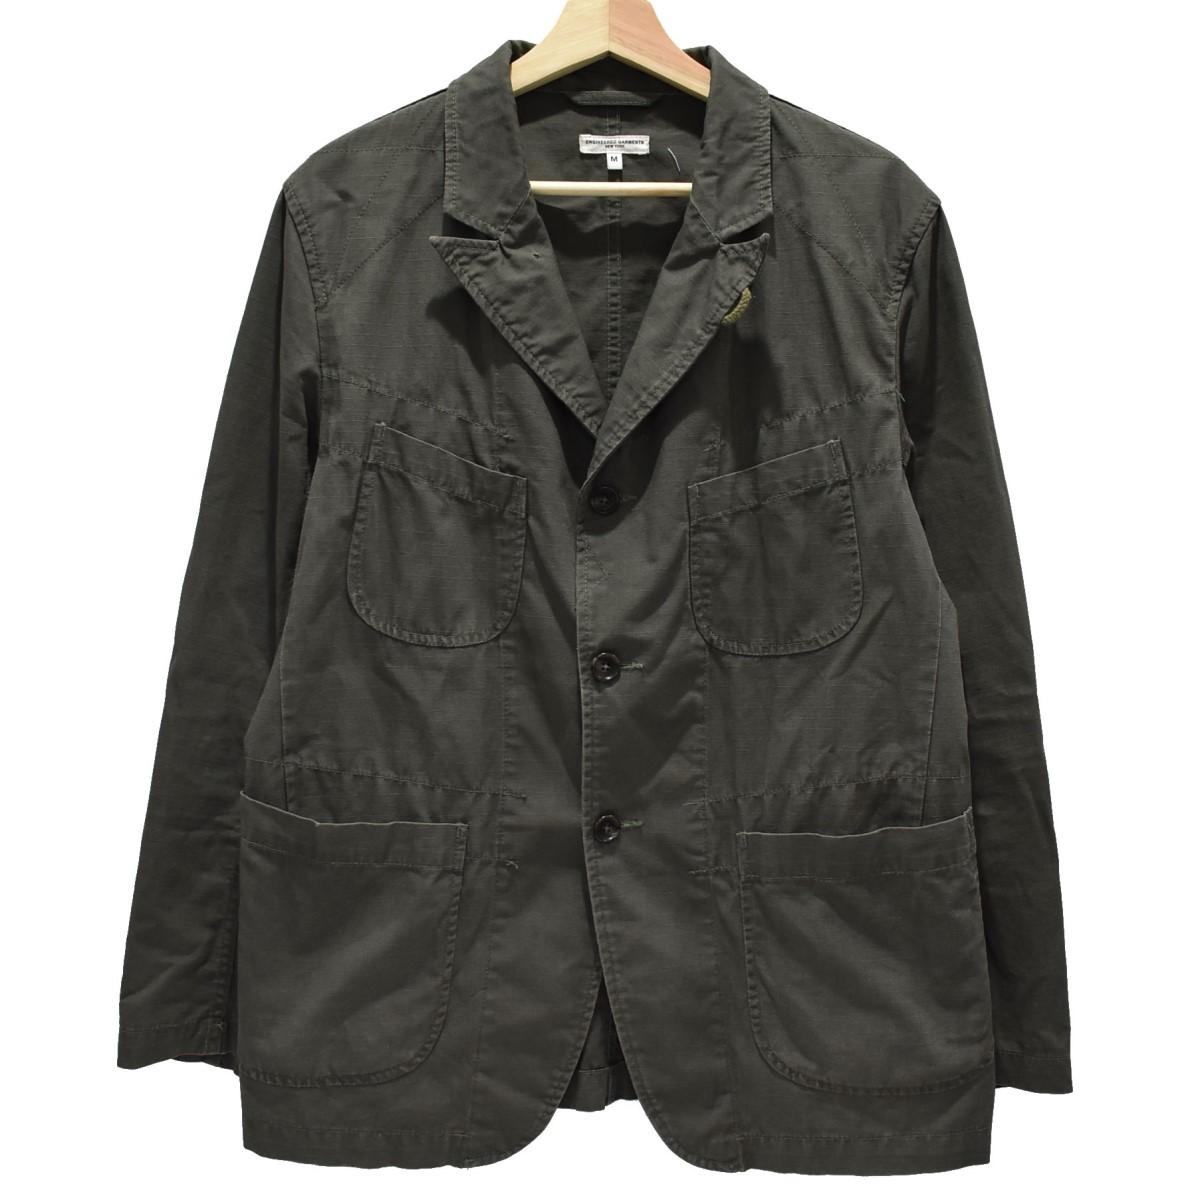 【中古】Engineered Garments リップストップ ベッドフォードジャケット オリーブ サイズ:M 【220420】(エンジニアードガーメンツ)